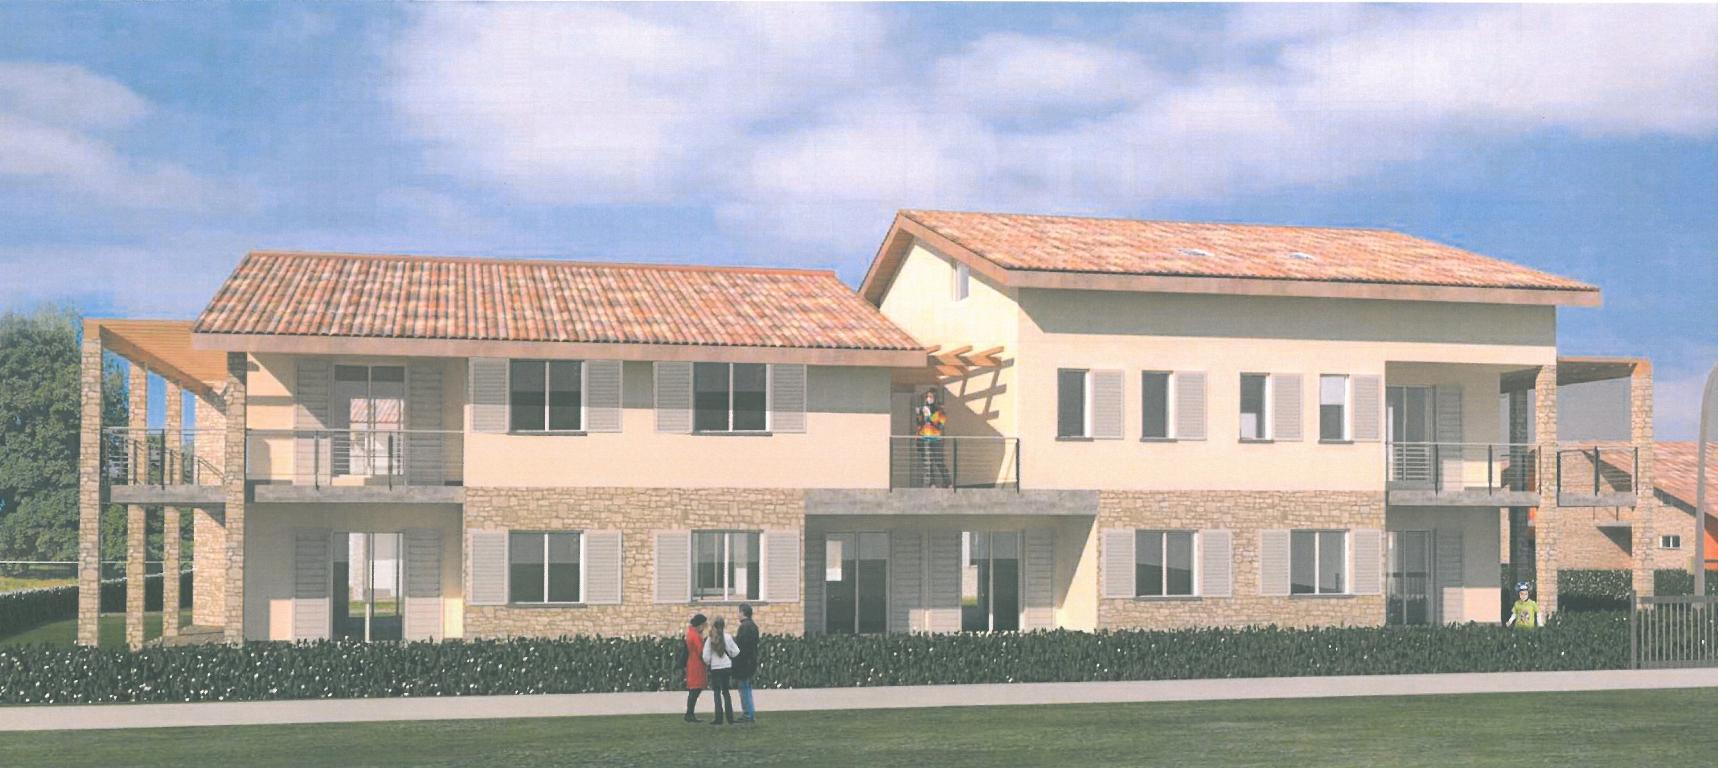 Appartamento in vendita a Casatenovo, 3 locali, prezzo € 218.000 | CambioCasa.it